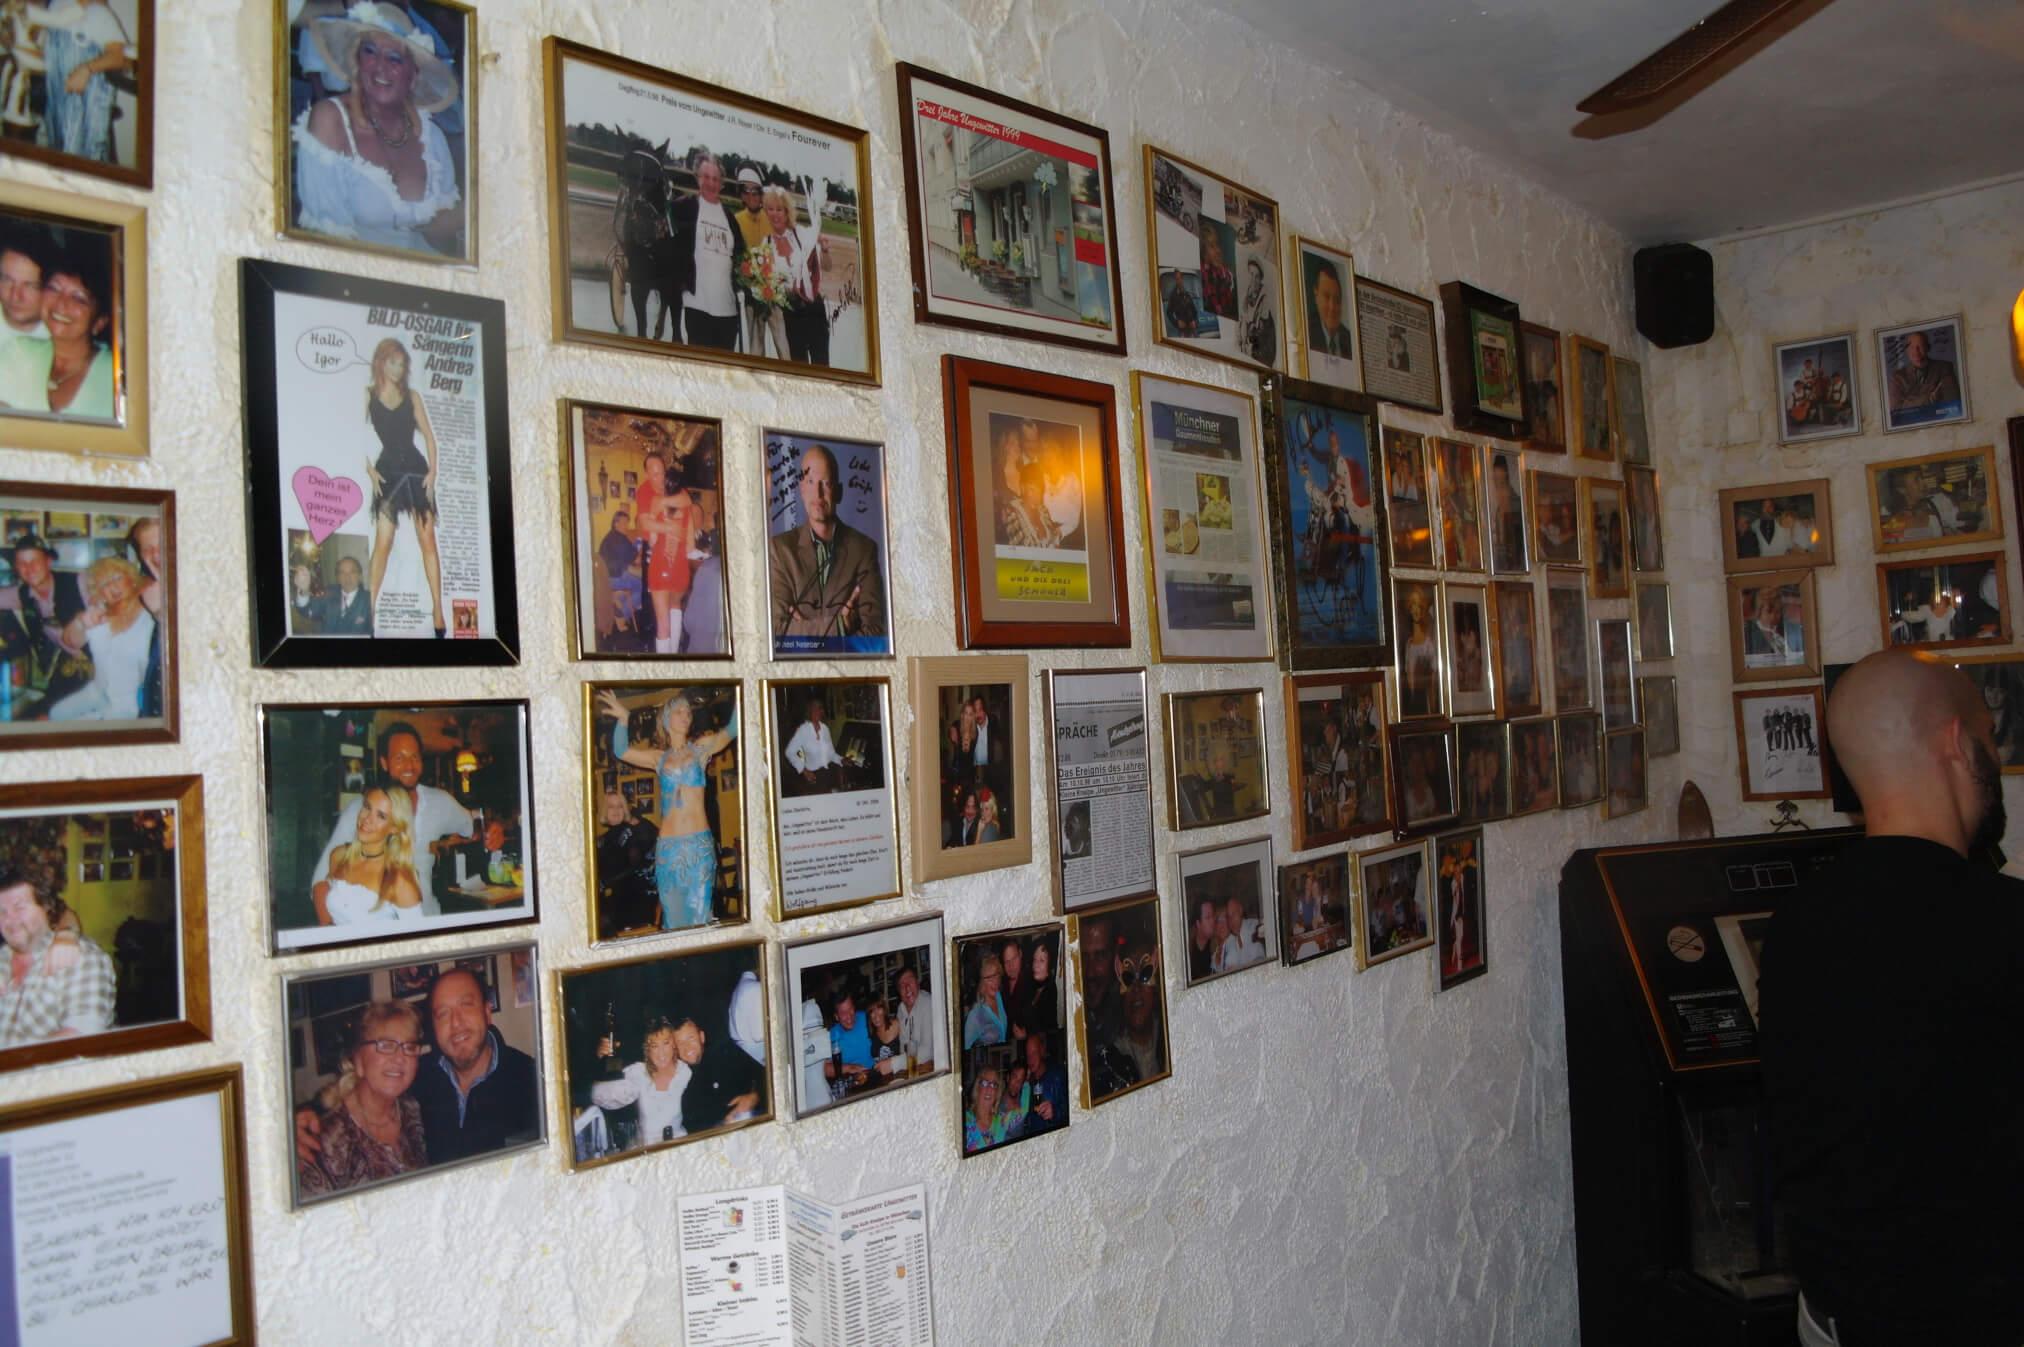 An den Wänden sind überall Bilder mit prominenten Besuchern, doch auch viele Bilder von den Stammgästen, die hier schon seit Beginn an verkehren